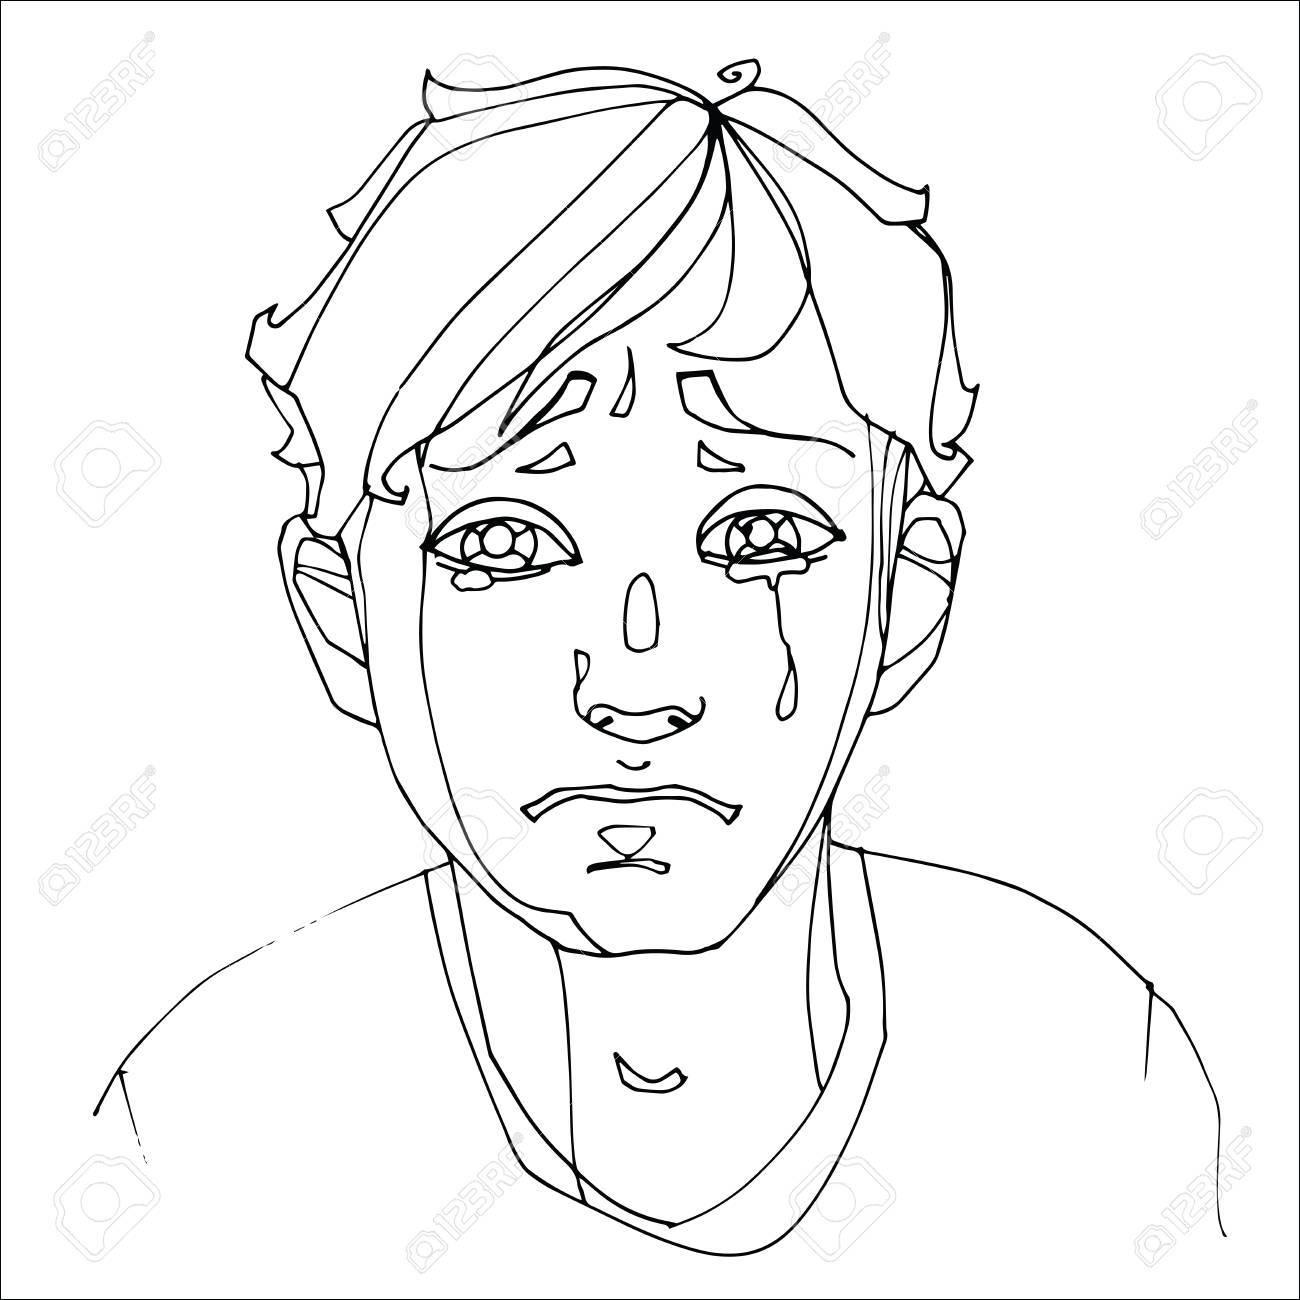 El Niño Llorando Pesadamente Emociones Humanas Bosquejo Mano